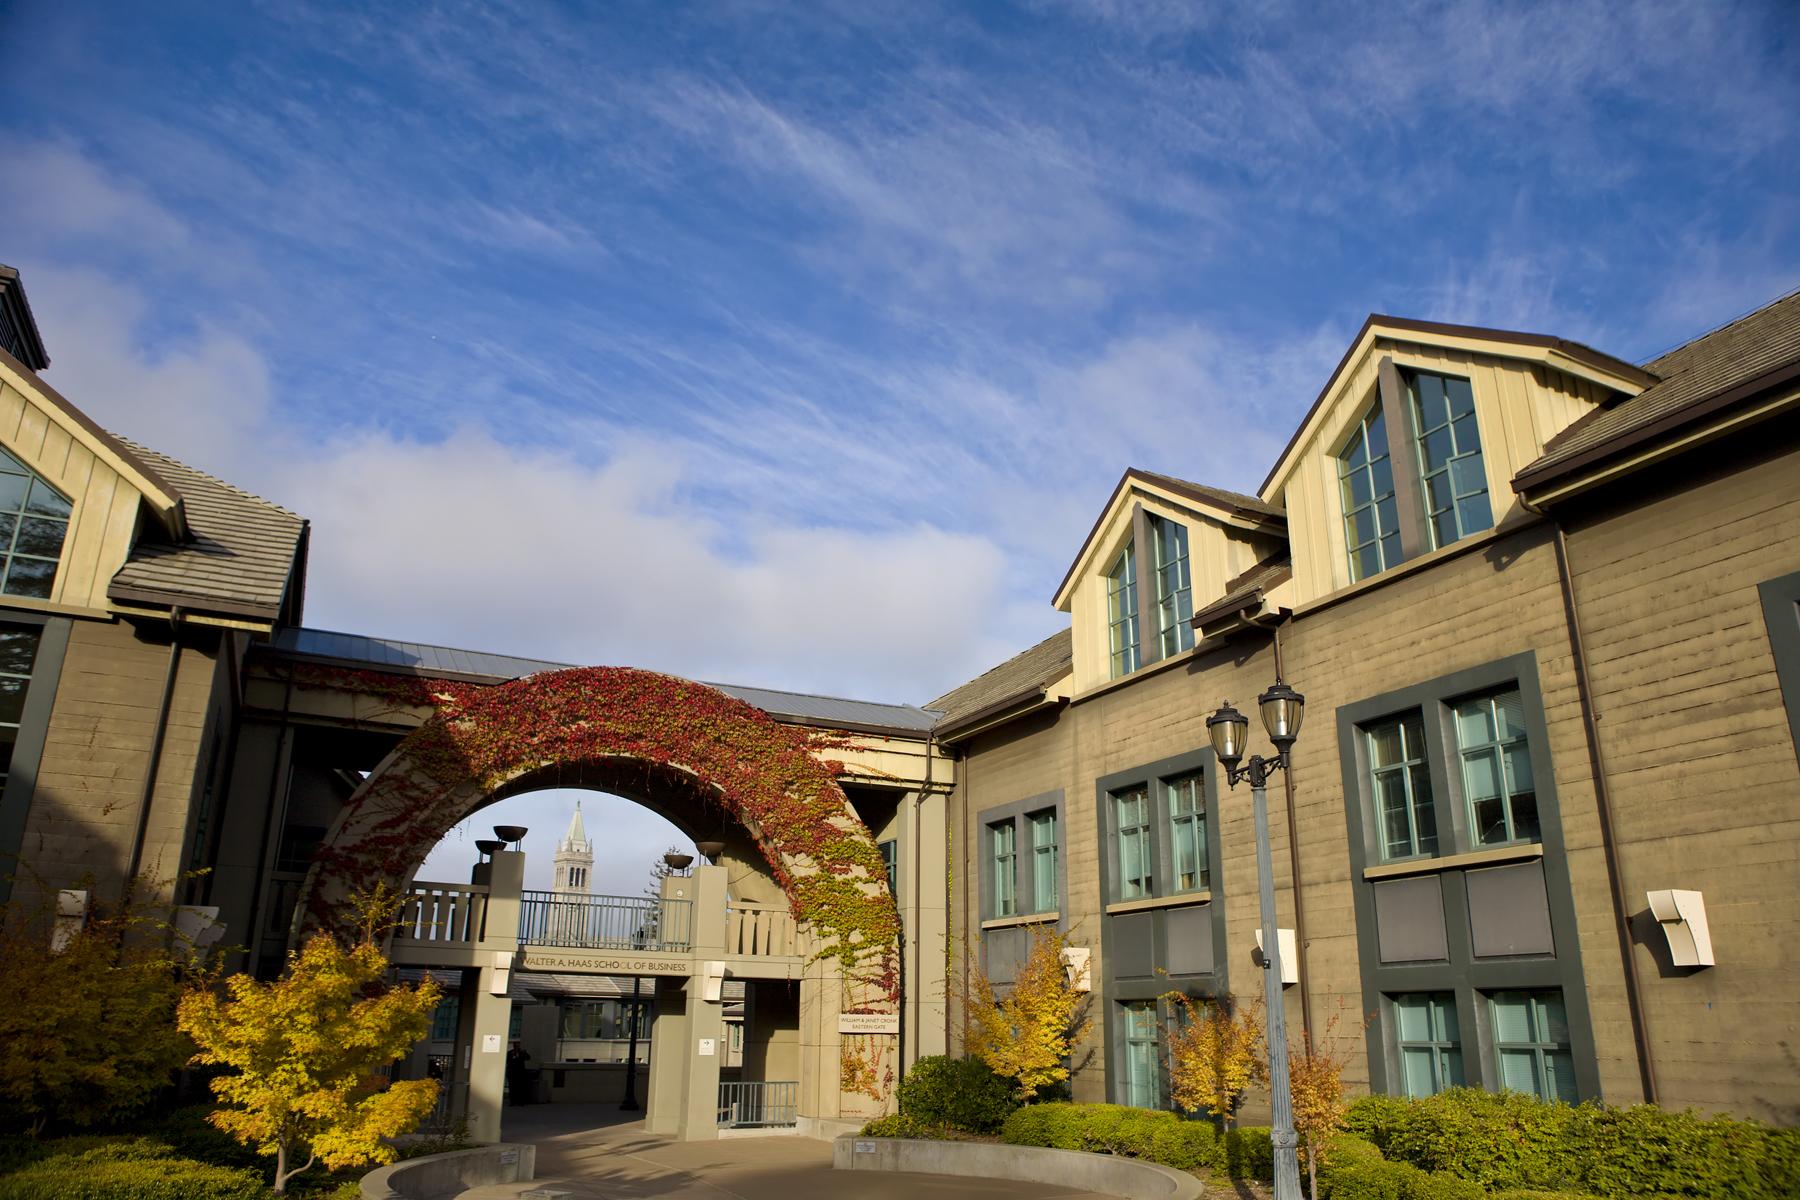 berkeley high college essays University of california-berkeley ranks #7 in money's 2018-19 best colleges ranking image unavailable rank: 7 university of california-berkeley berkeley, cawwwberkeleyedu.